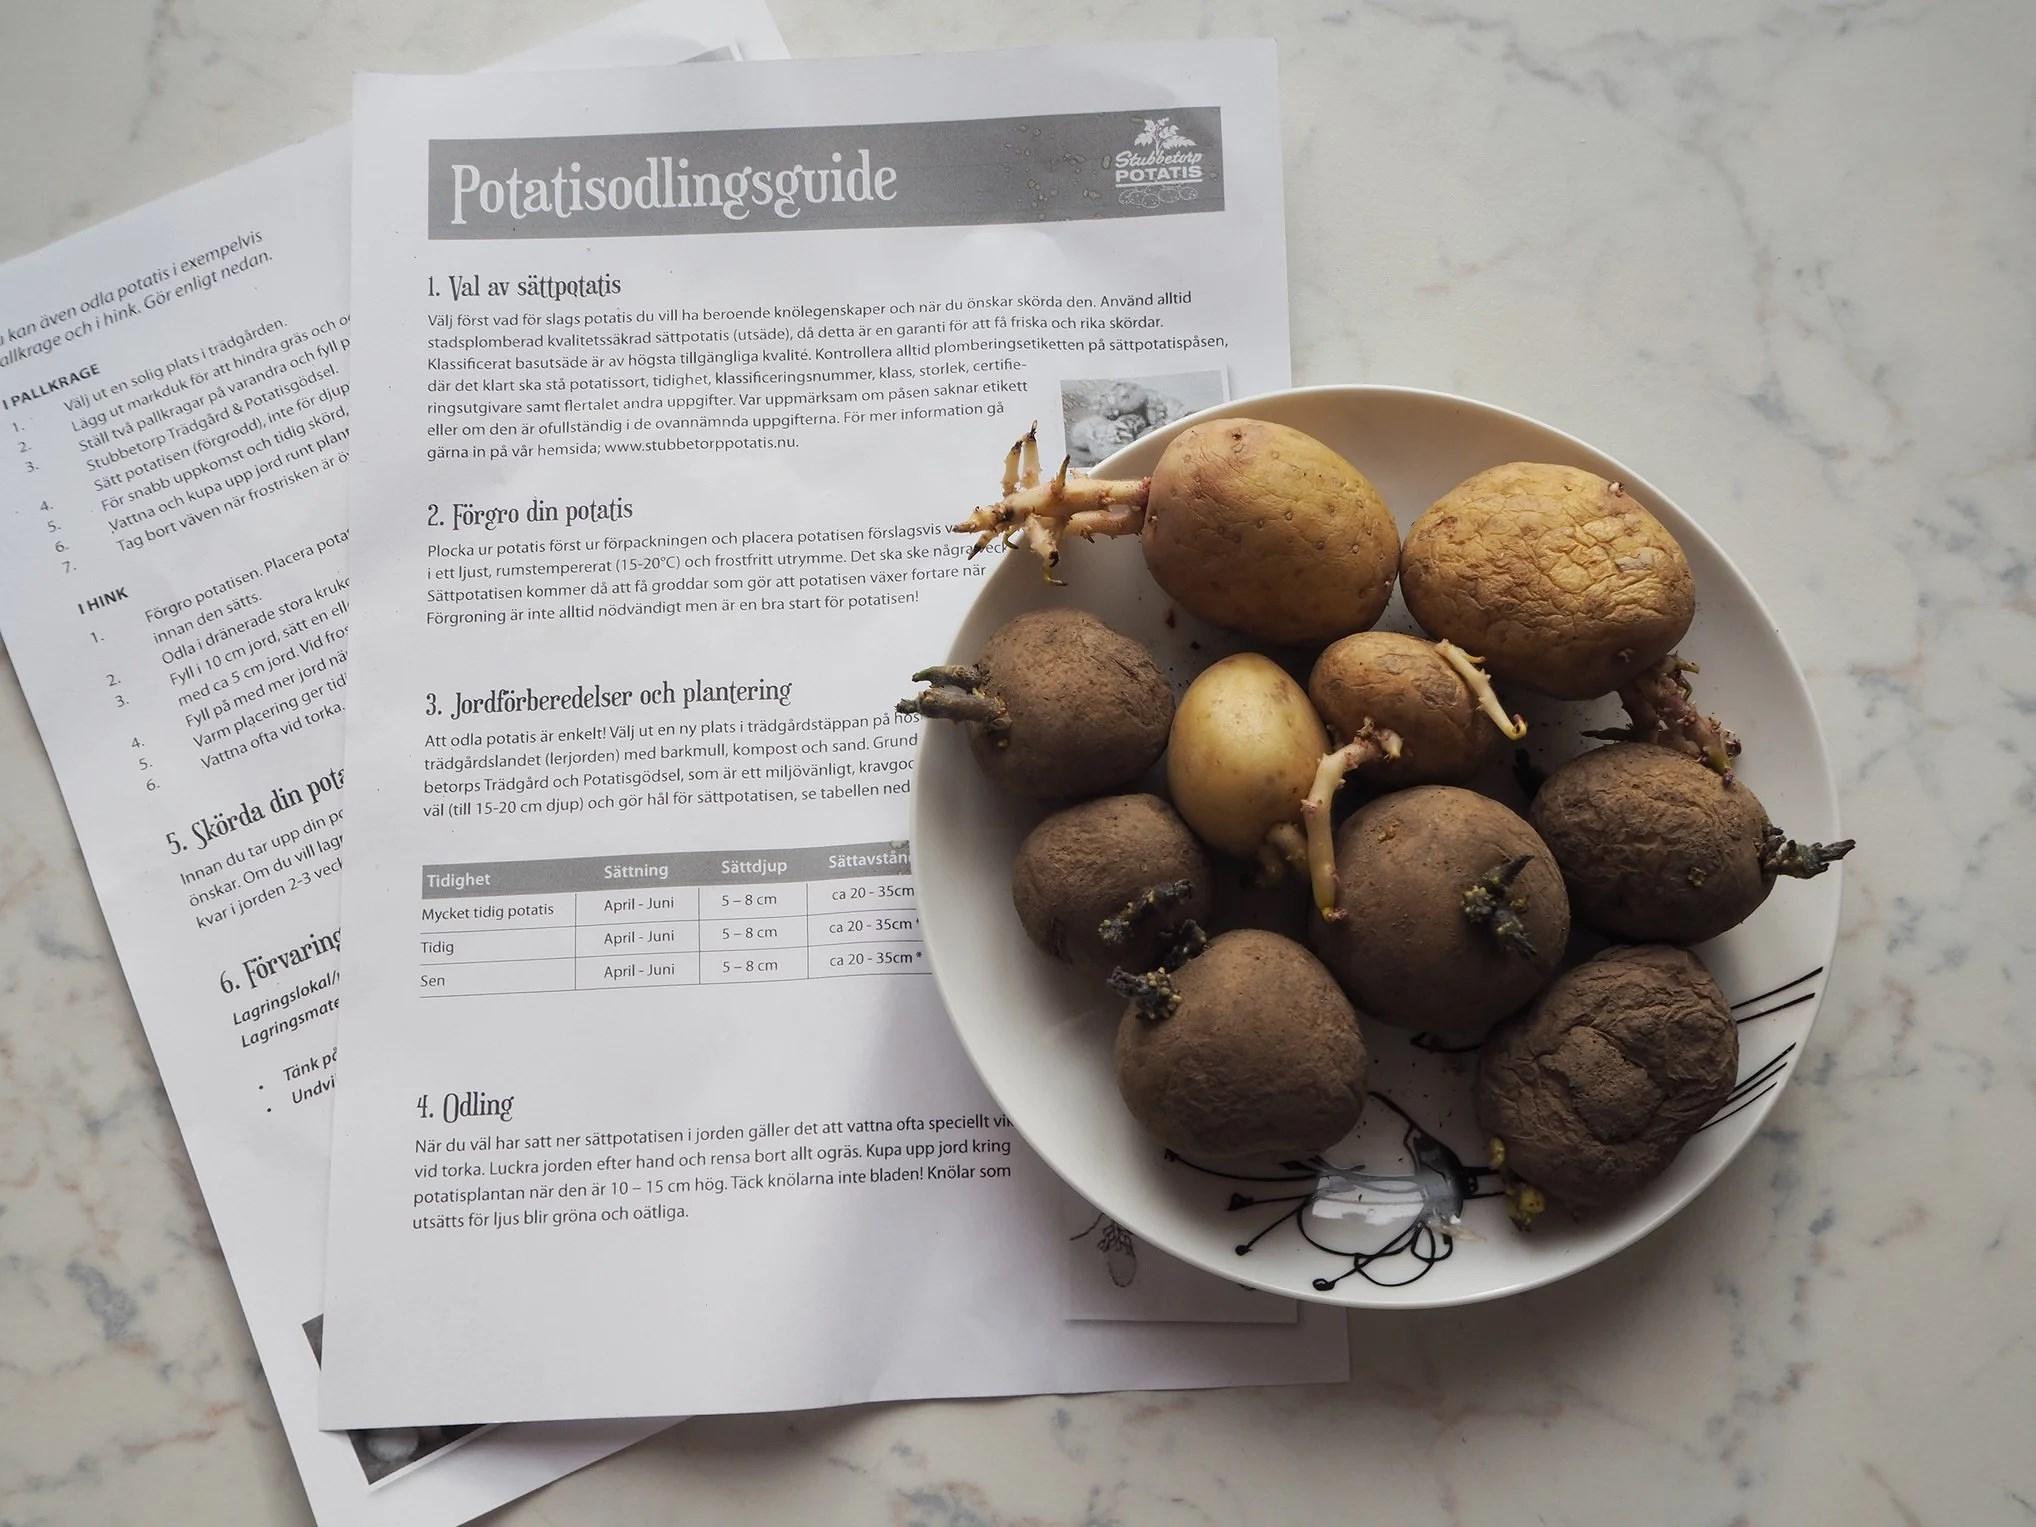 Malin testar - Odlar potatis i lägenheten